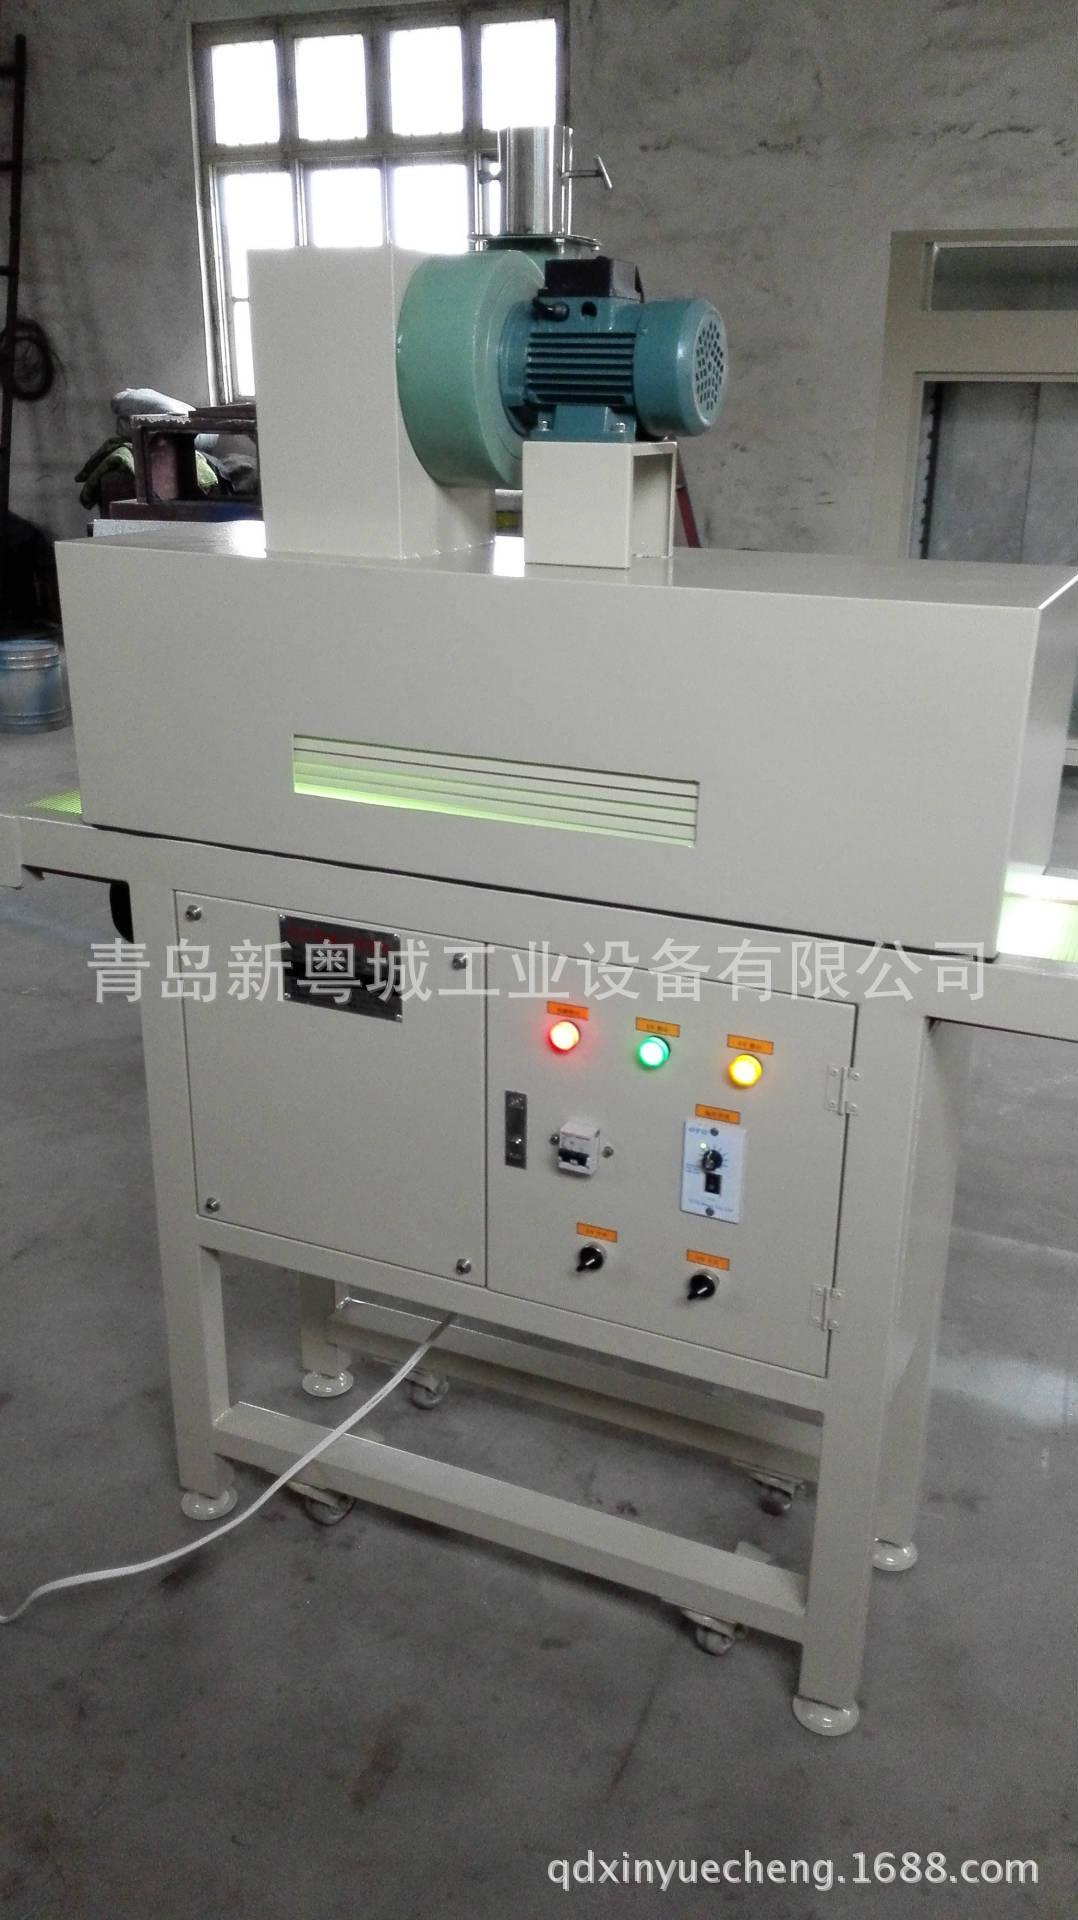 紫外线光固化机_青岛uv固化机|紫外线光固化机|uv|新粤城